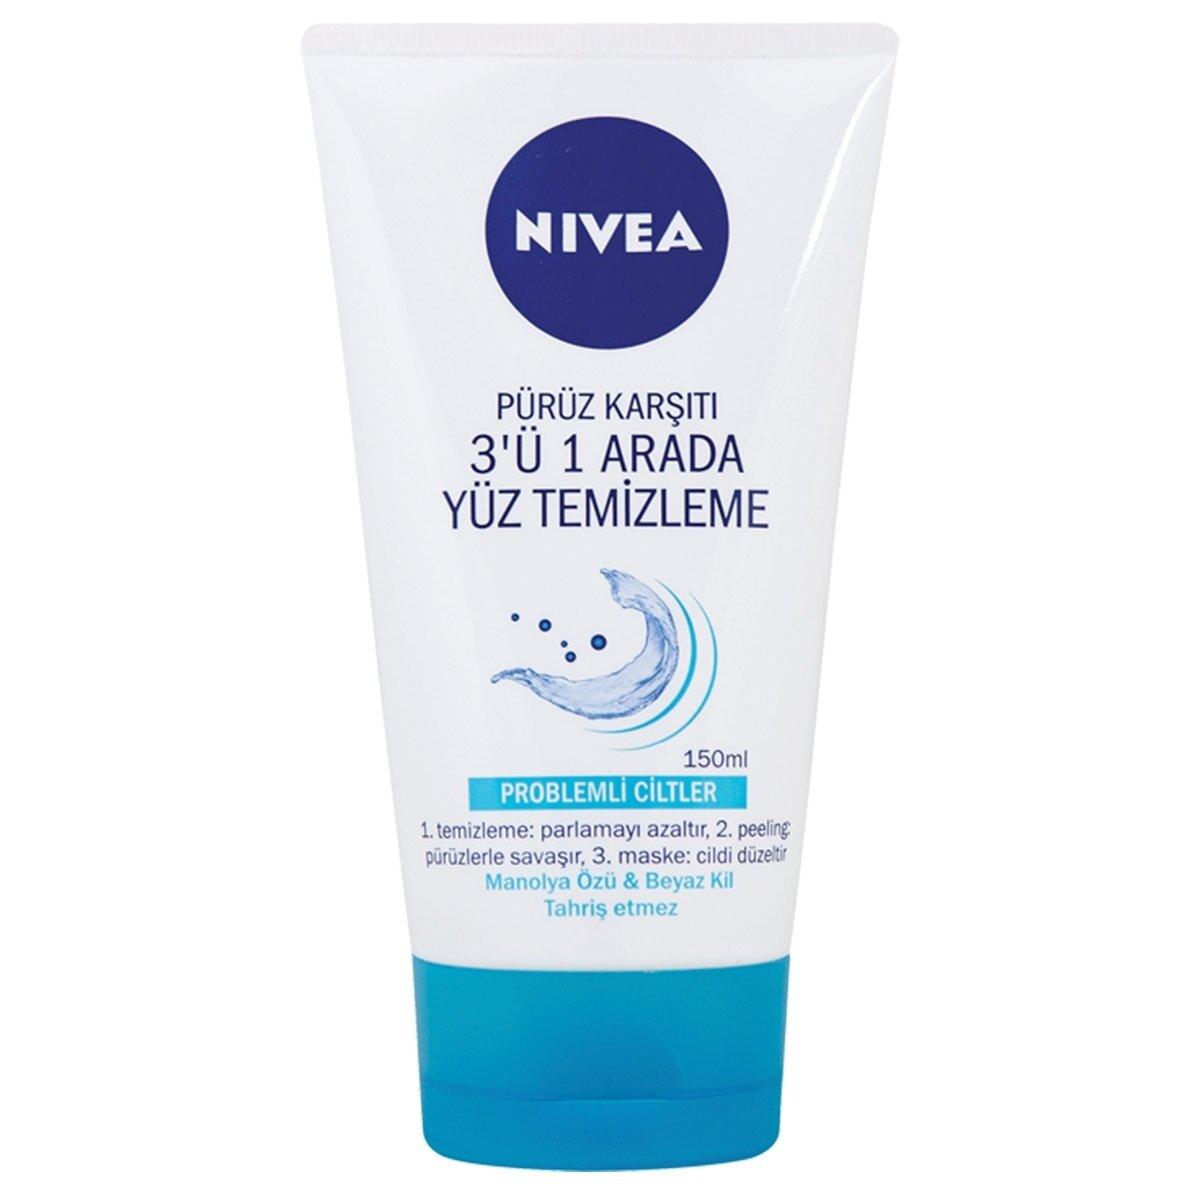 Visage Pure & Effect Allinone Yüz Temizleme Jeli 150 ml